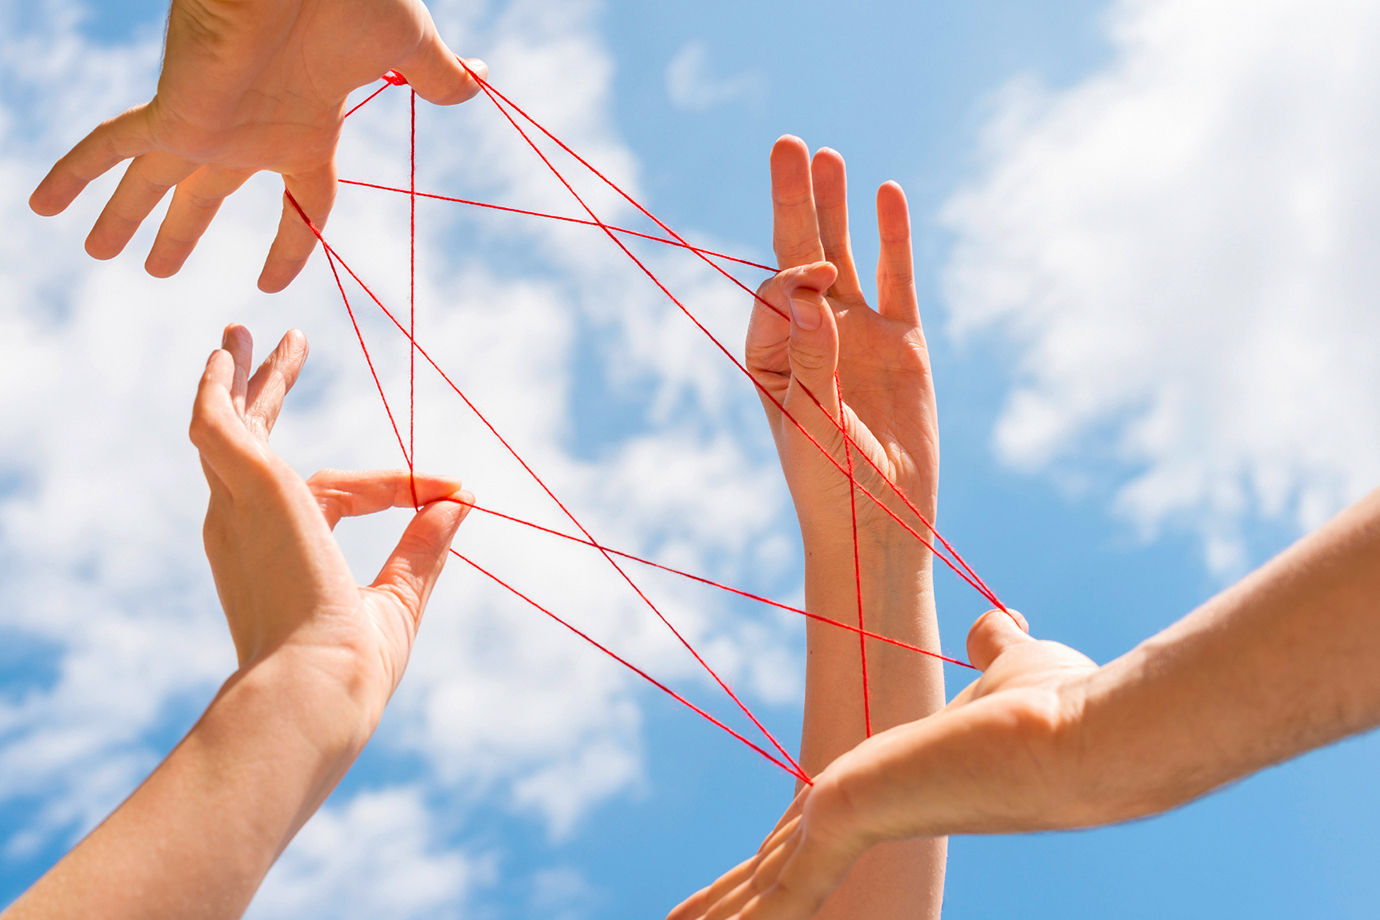 Zusammenspiel von Händen und Fäden